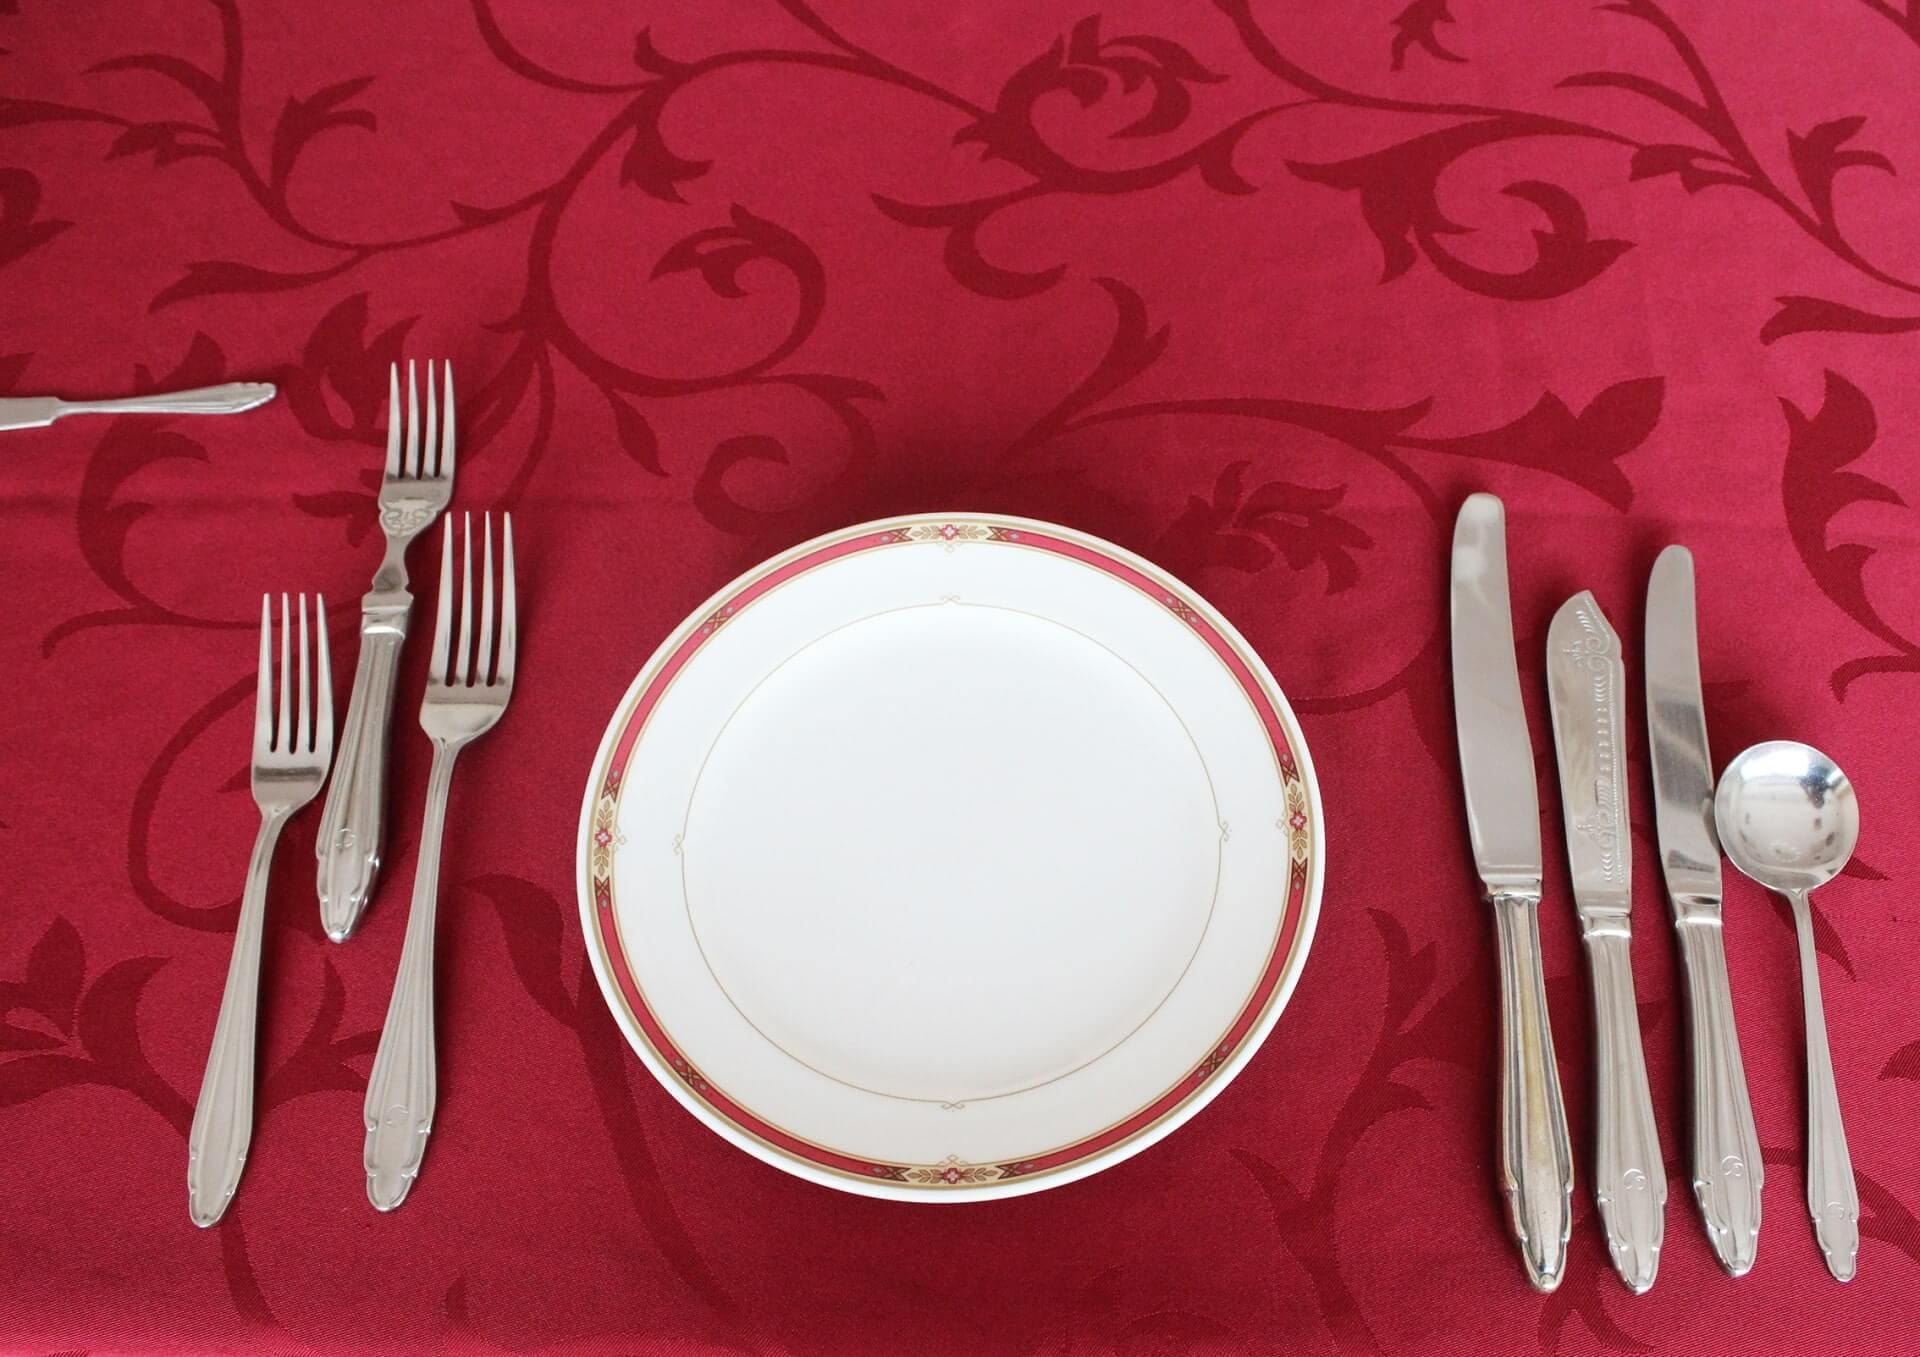 テーブルマナーのカトラリー(食器)の種類の画像